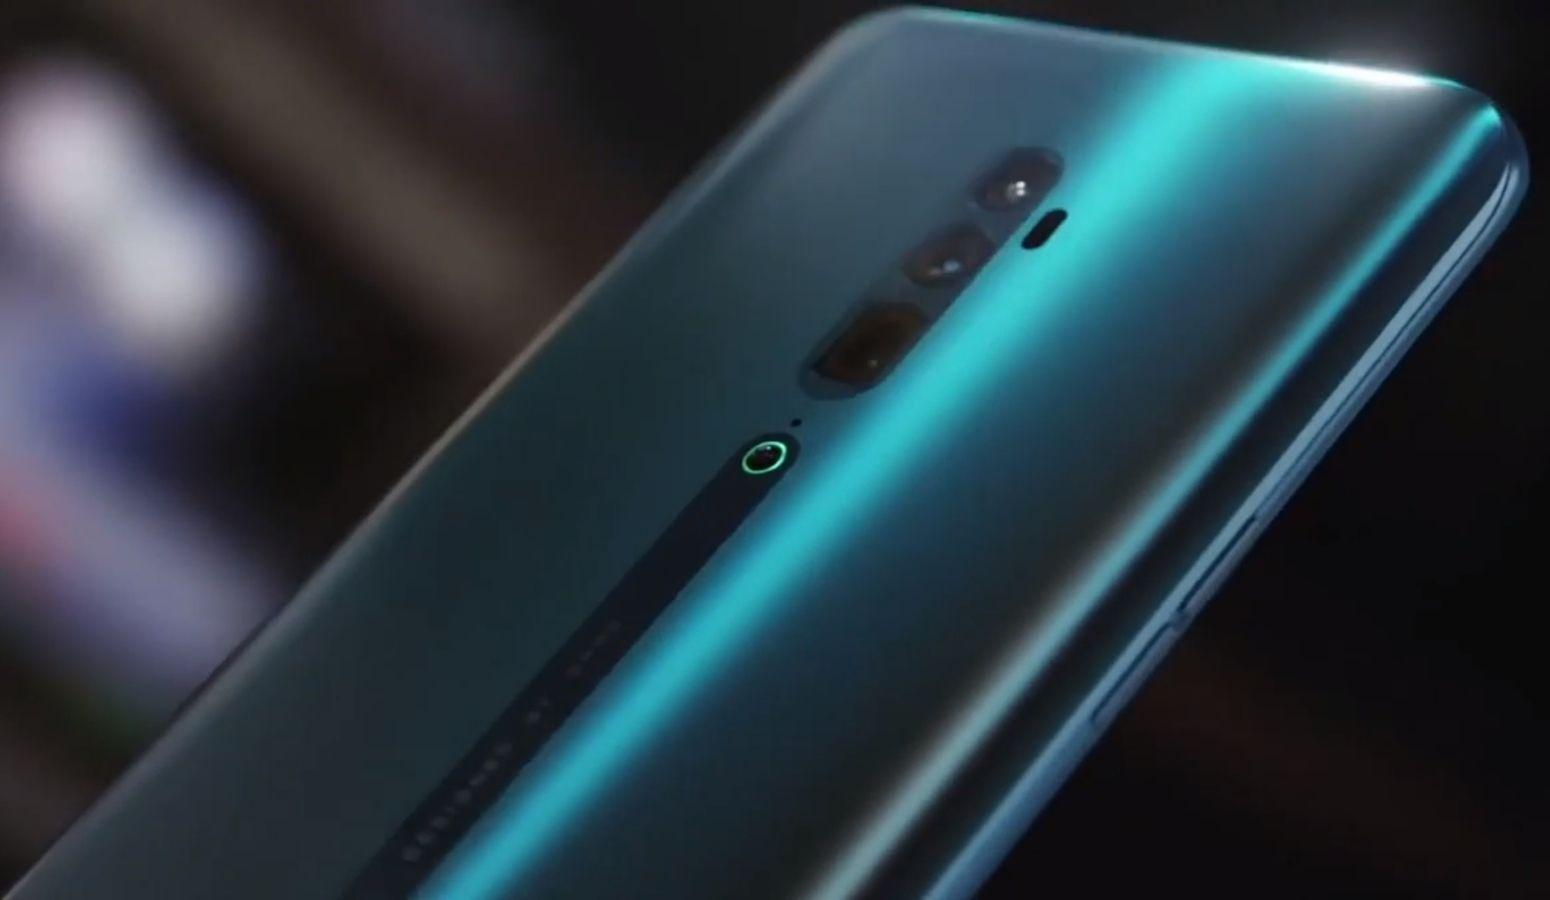 Pregled pametnih telefona OPPO Reno Z: performanse i kvaliteta